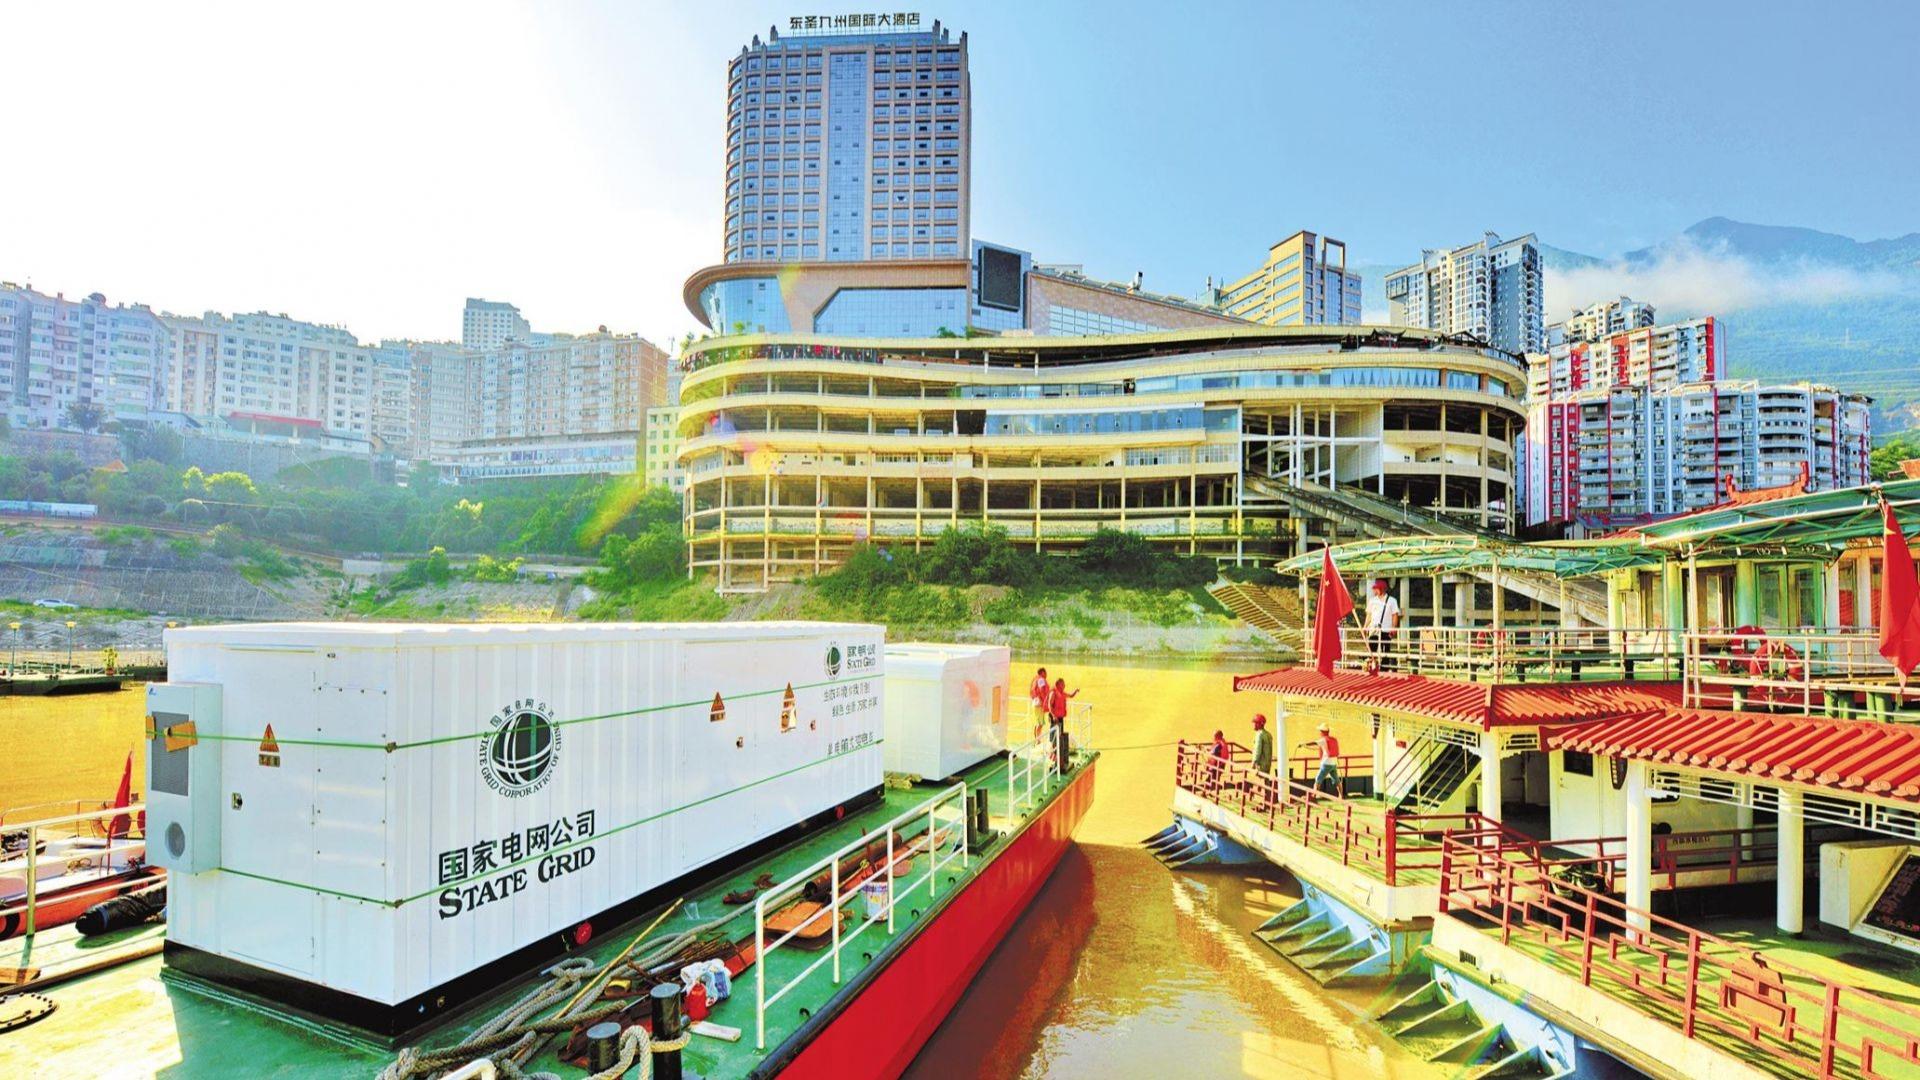 巴东旅游码头安装岸电